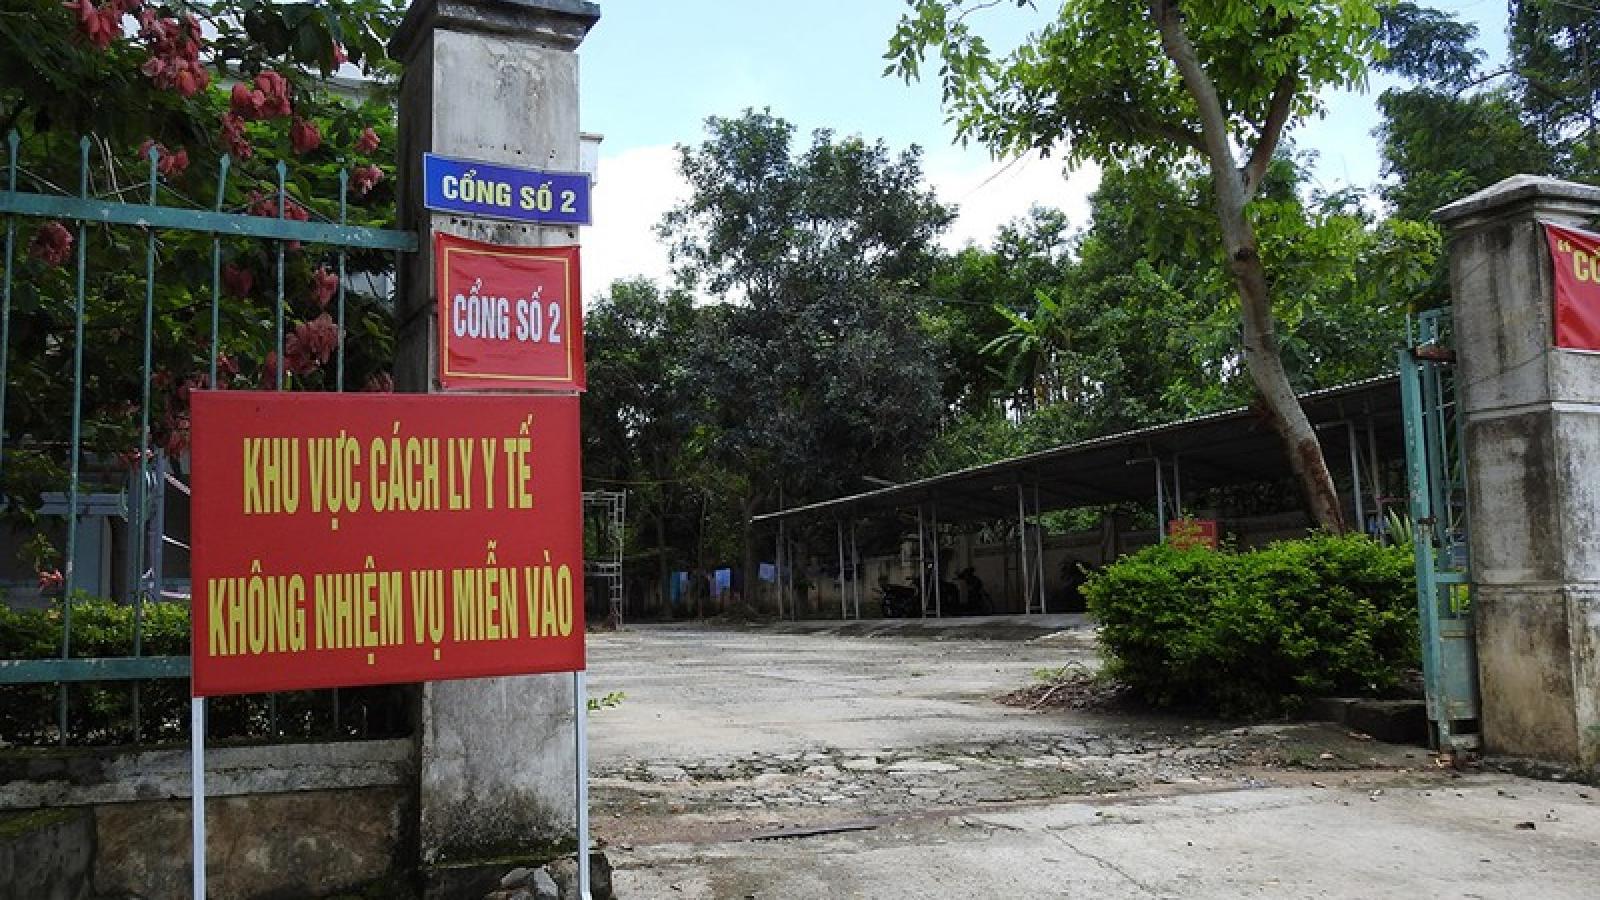 Các tỉnh Kon Tum, Bình Dương tiếp tục cách ly người từ vùng dịch về